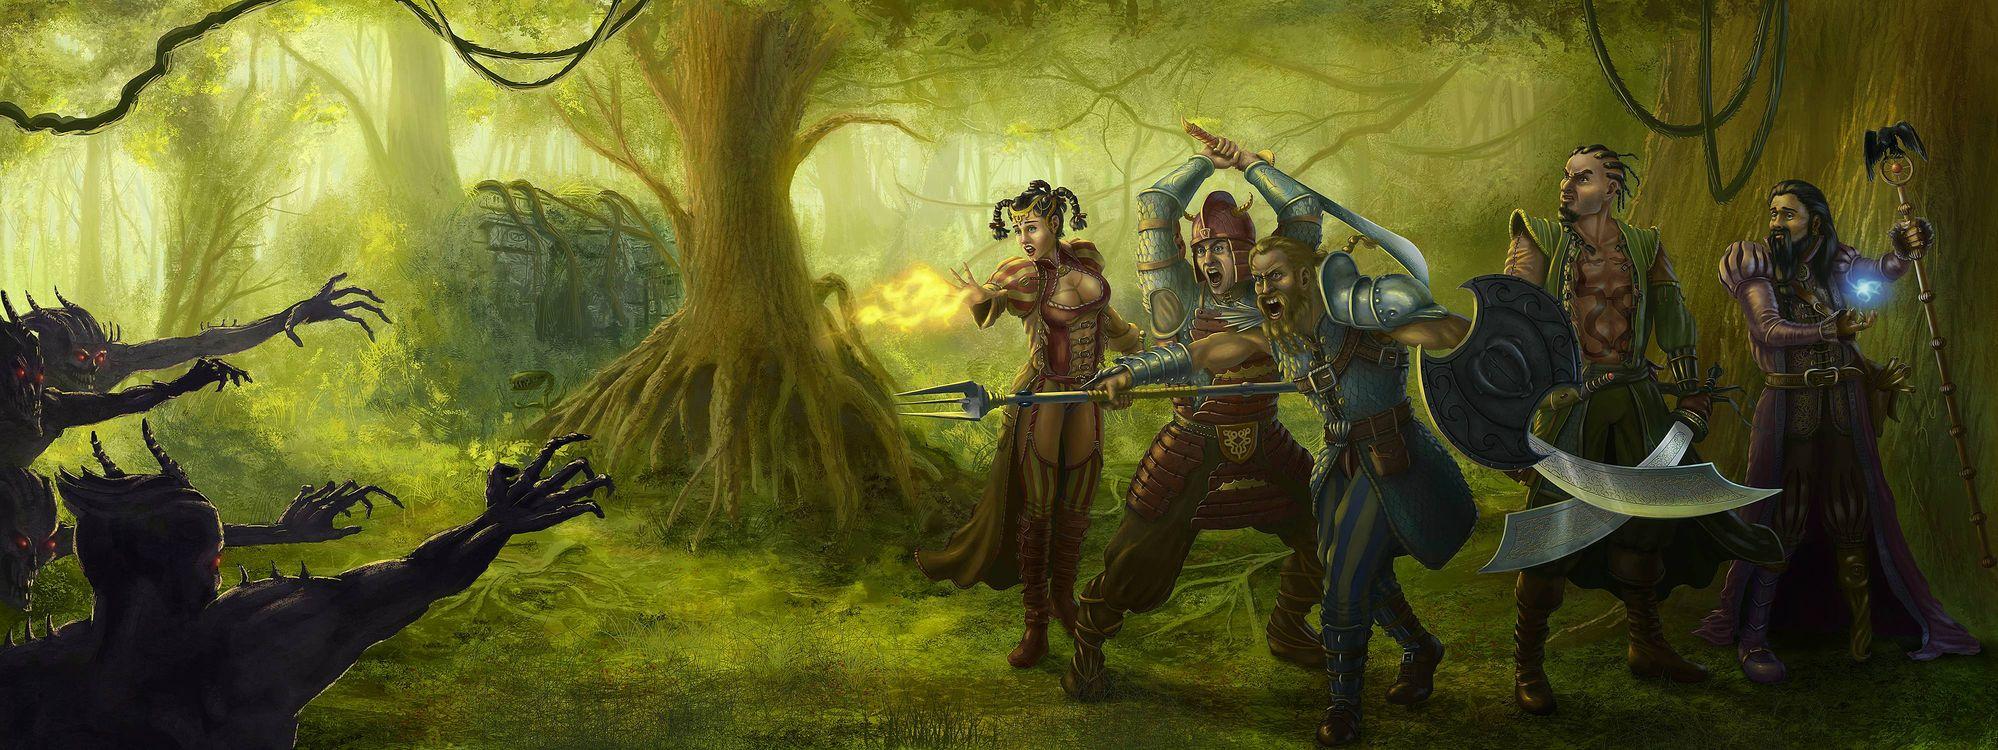 Фото воины монстры панорама - бесплатные картинки на Fonwall